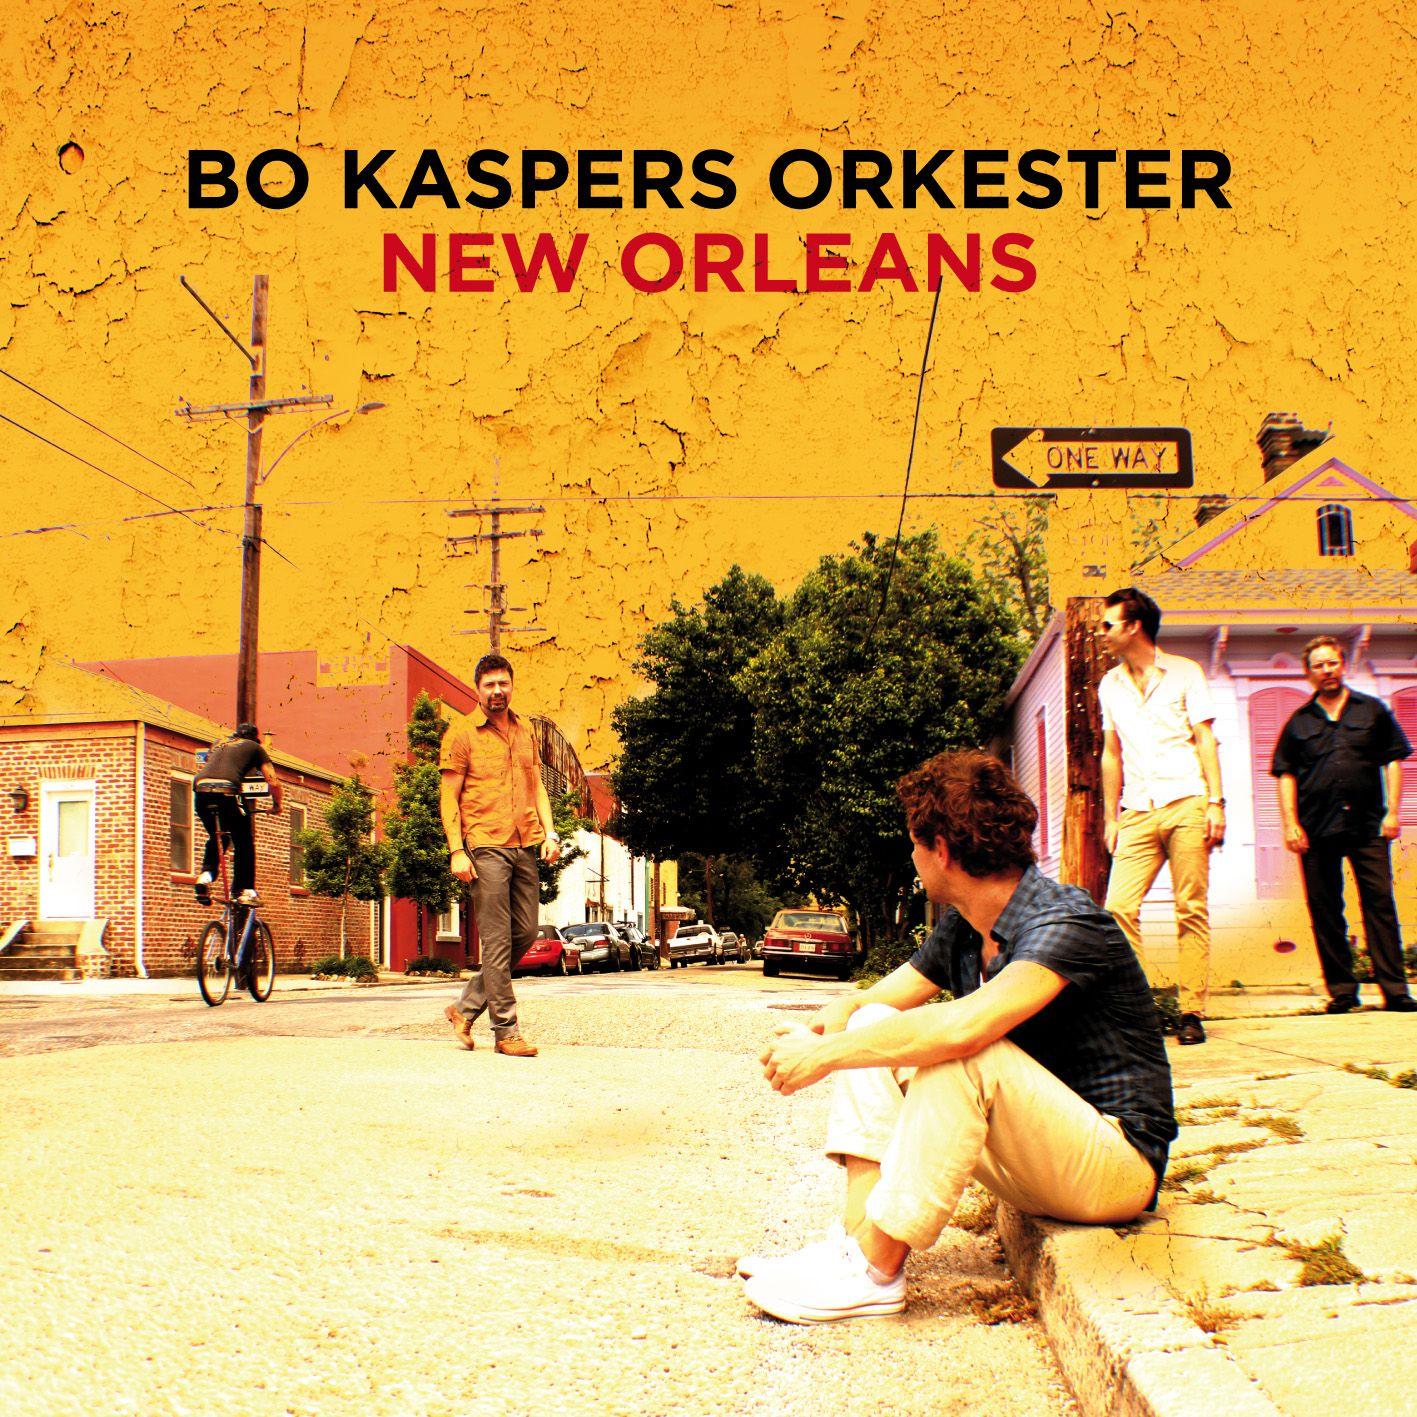 Bo Kaspers Orkester - New Orleans album cover